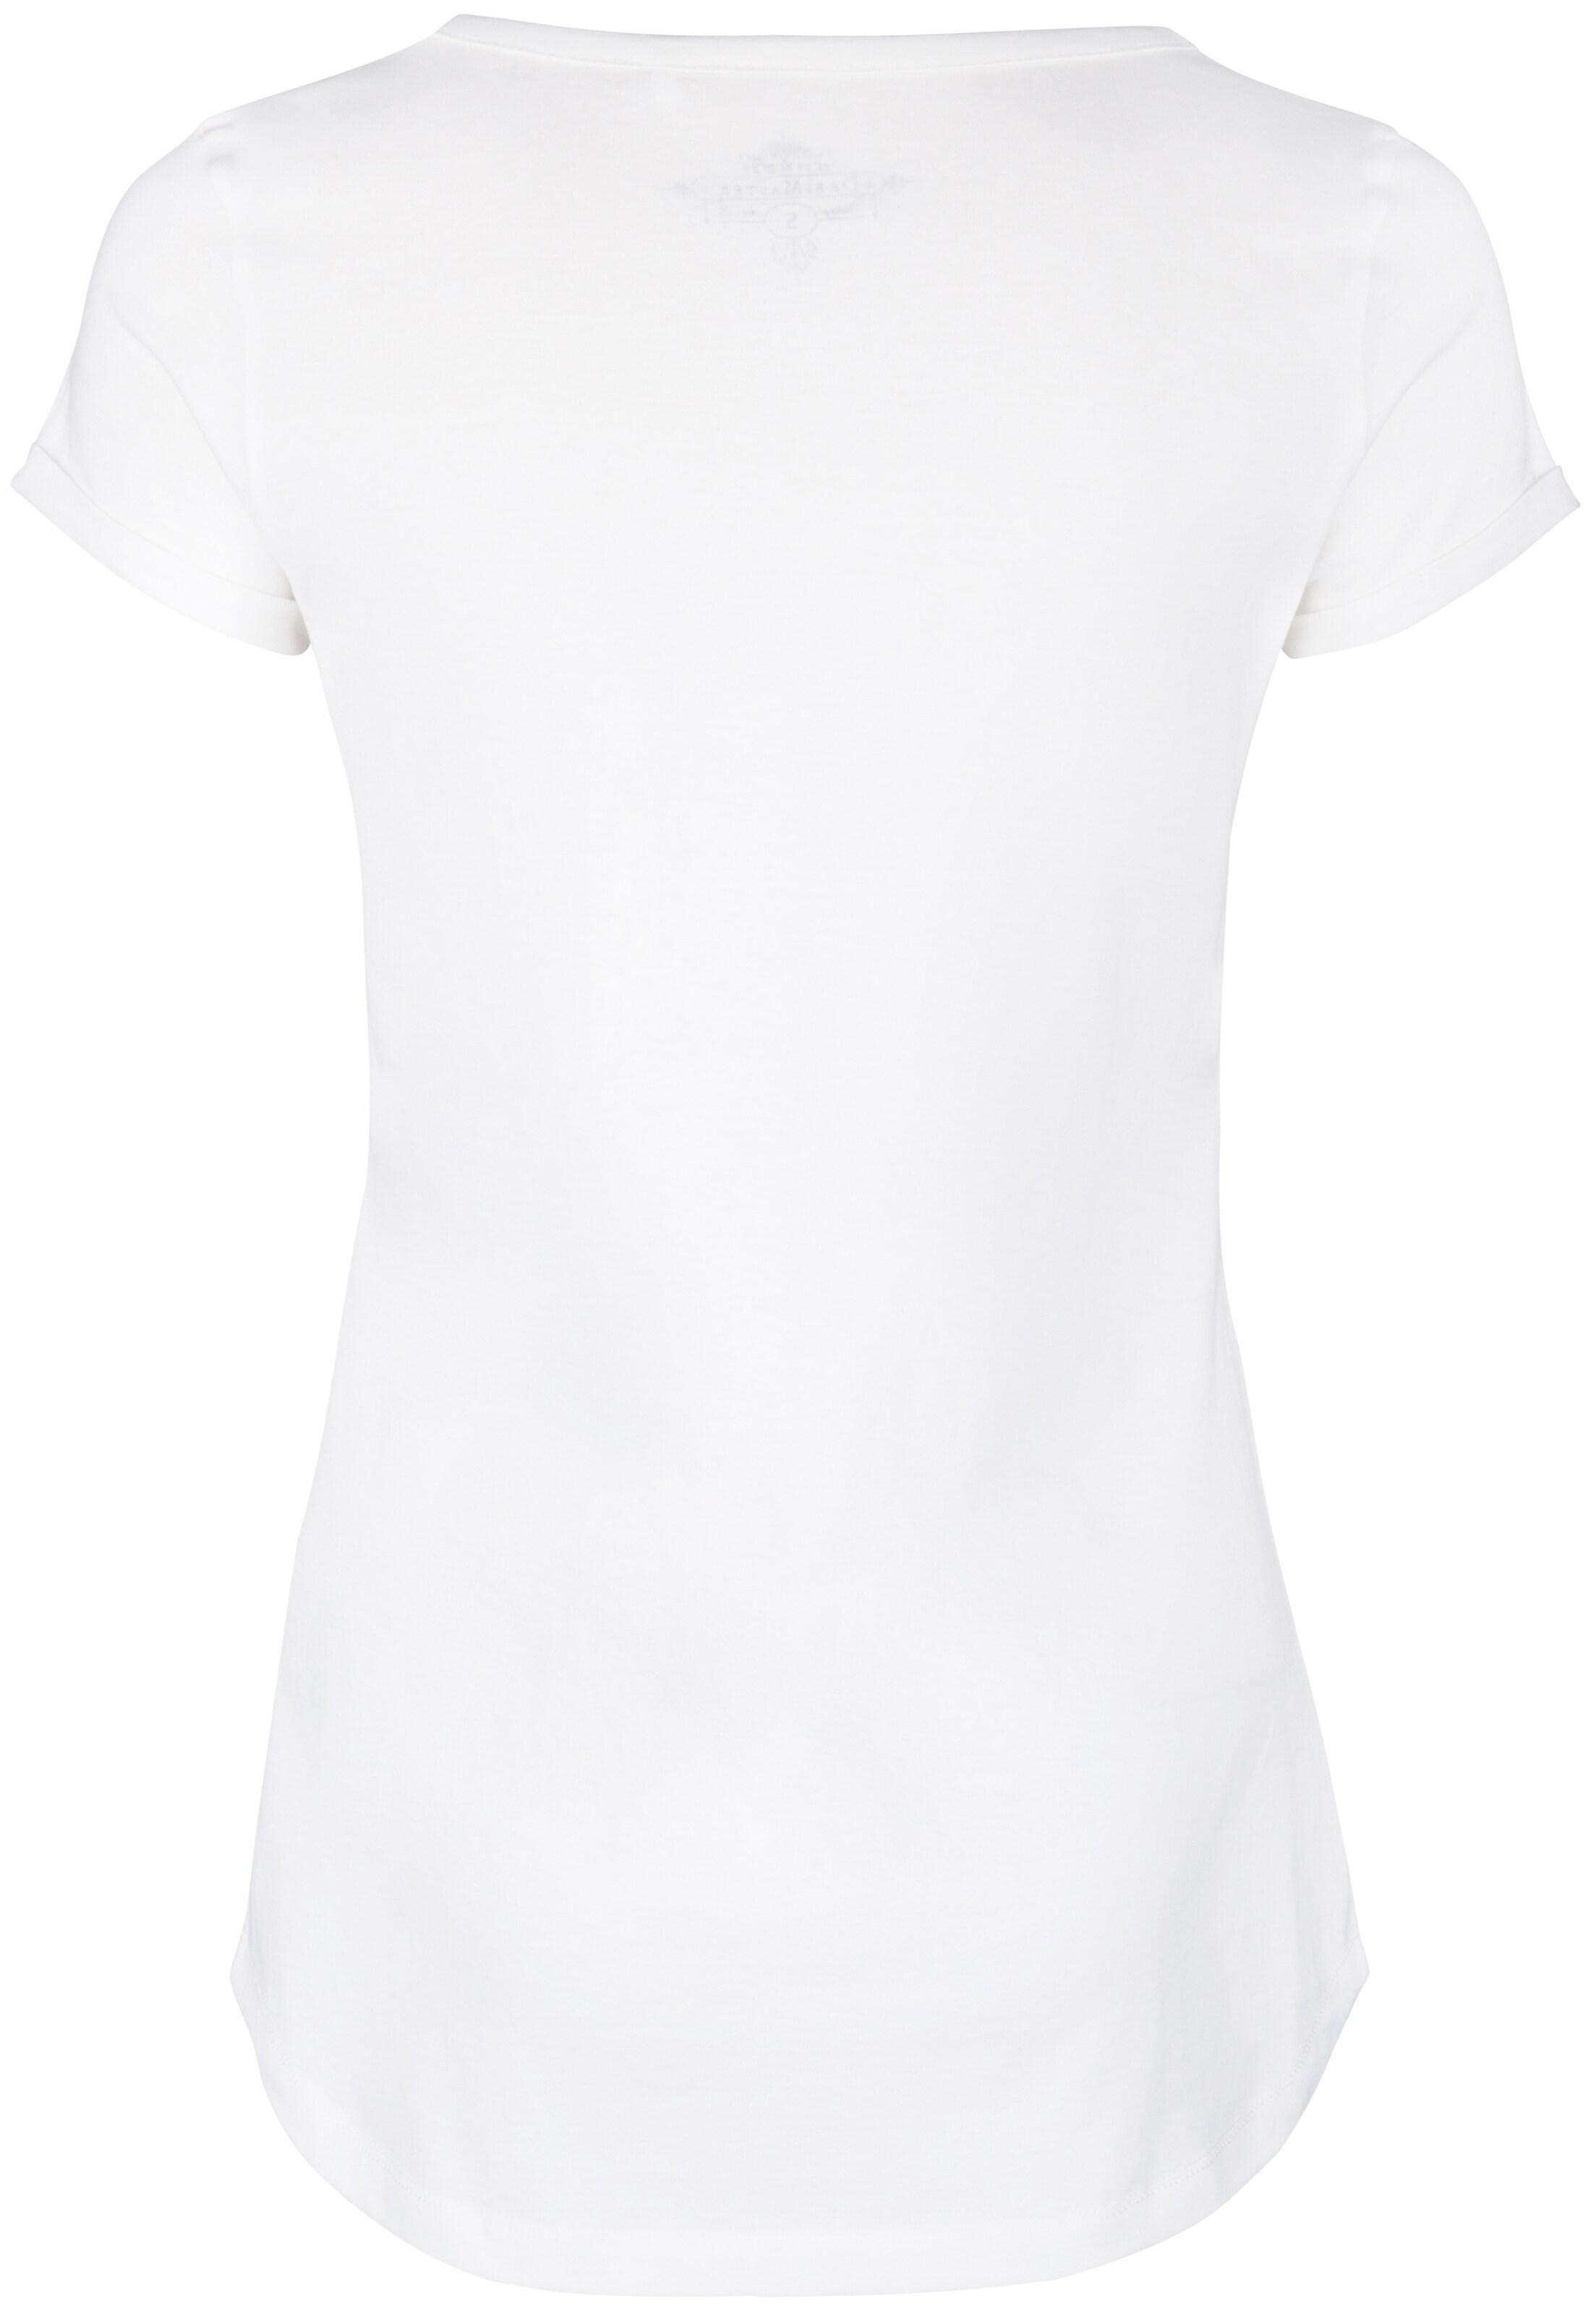 DREIMASTER T-Shirt Verkauf Sammlungen Holen Sie Sich Die Neueste Mode 2018 Online-Verkauf Billig Bester Verkauf PBUxdE7TZL